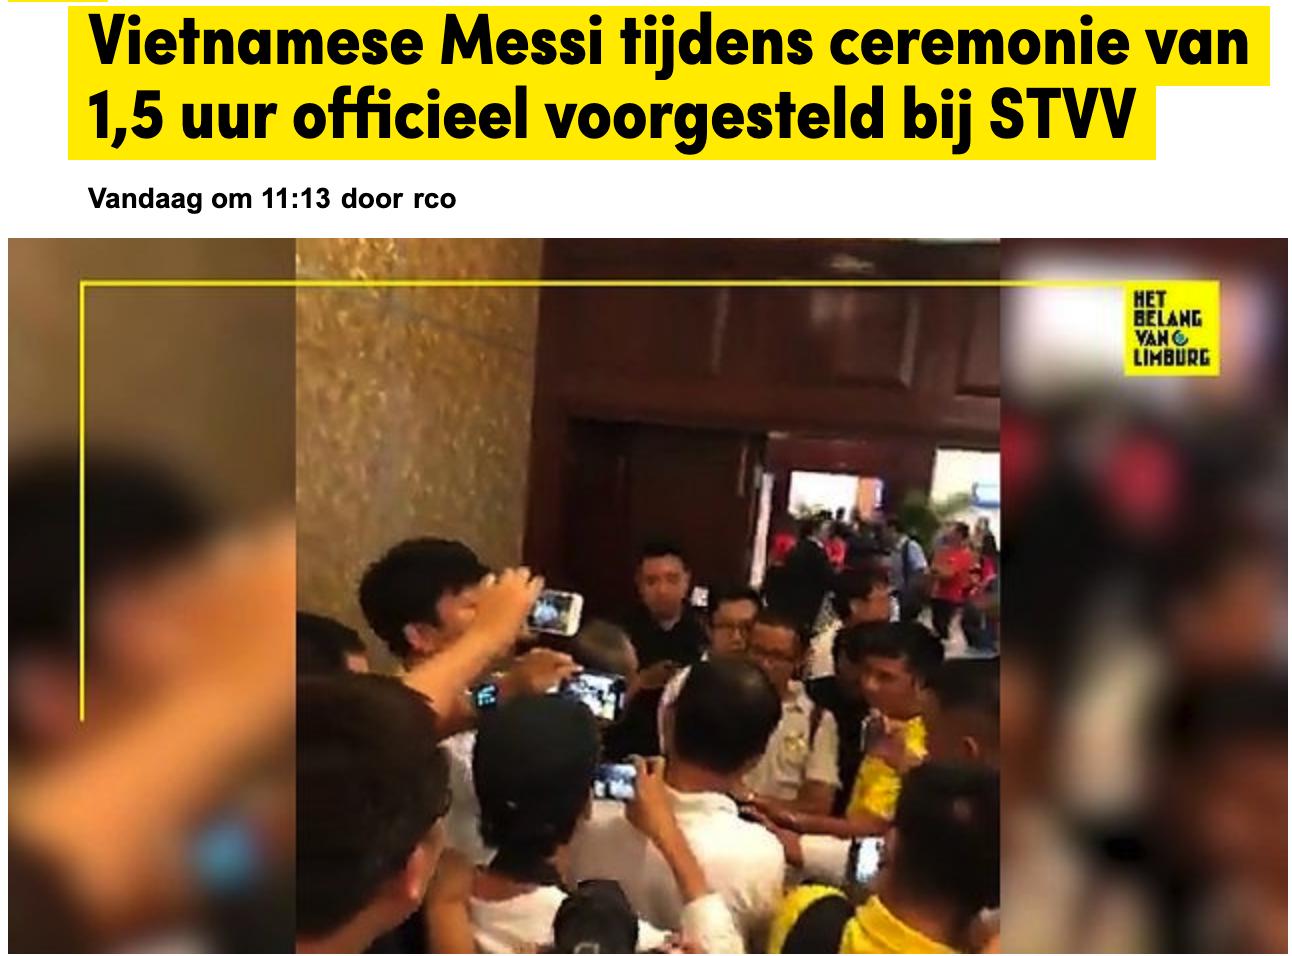 Công Phượng có biệt danh mới khi sang châu Âu, báo Bỉ ngạc nhiên khi lễ ra mắt dài ngang một trận bóng-1